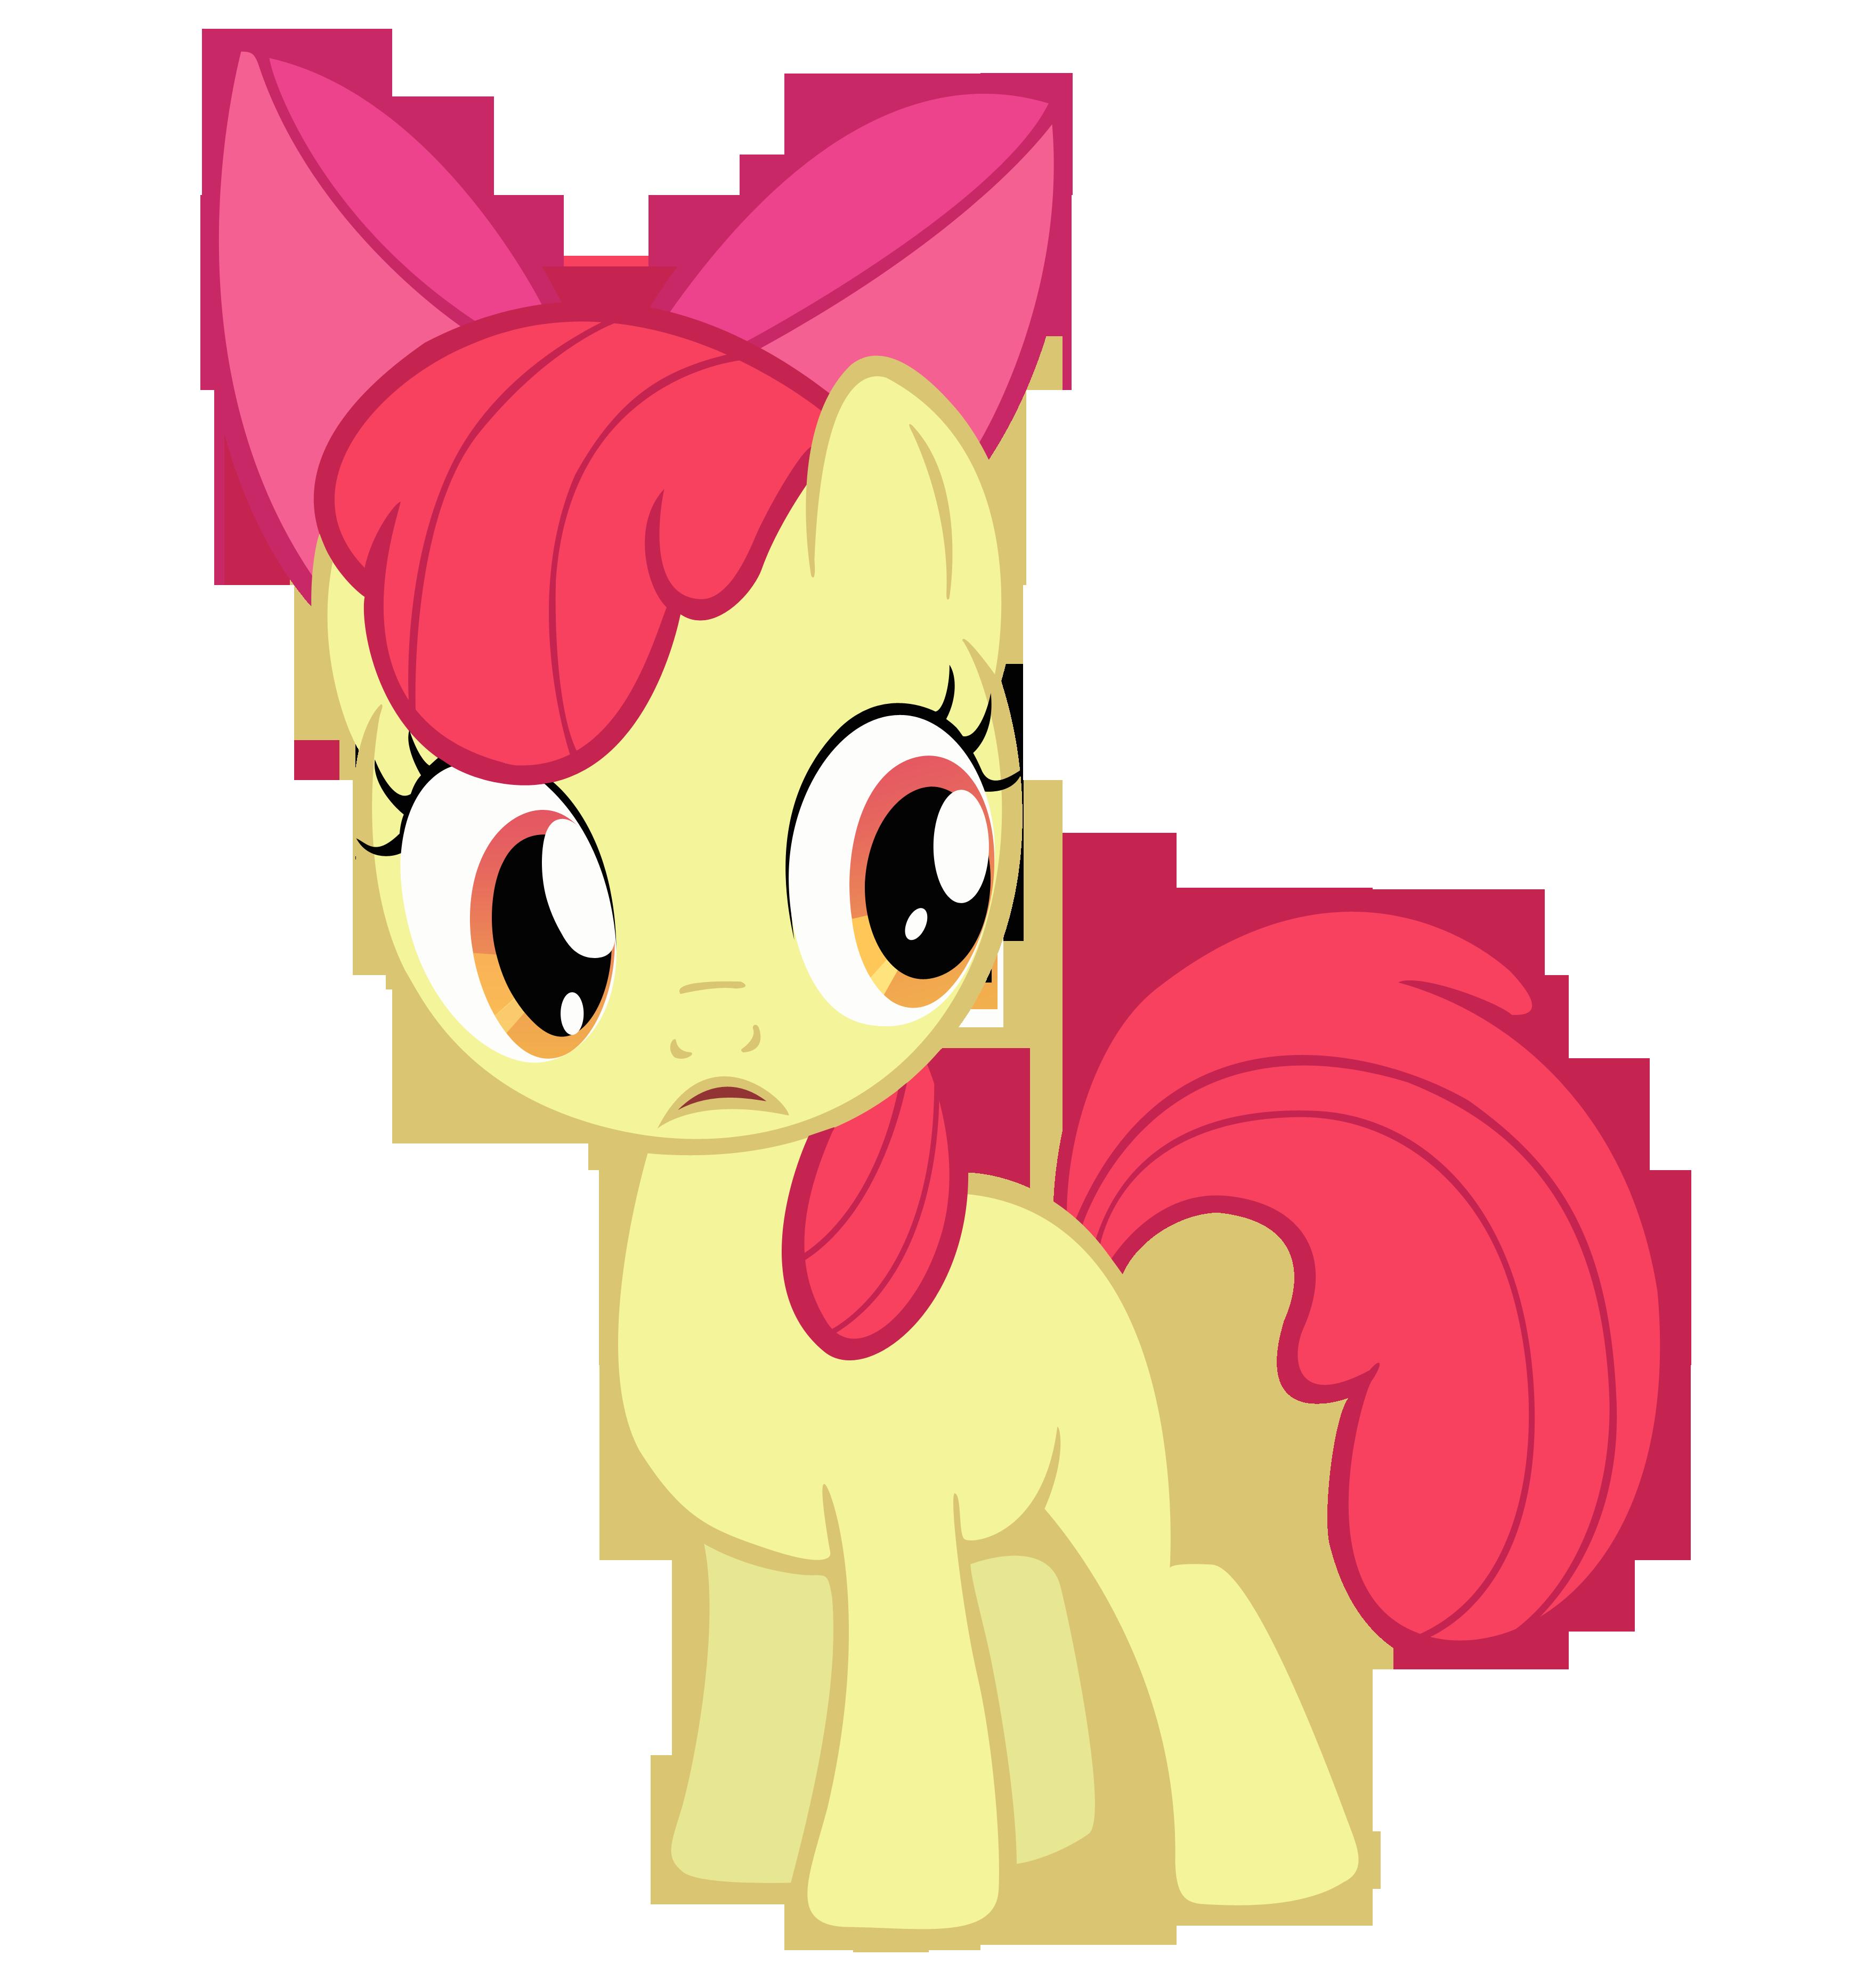 apple_bloom_by_spikesmustache-d568gx7.pn